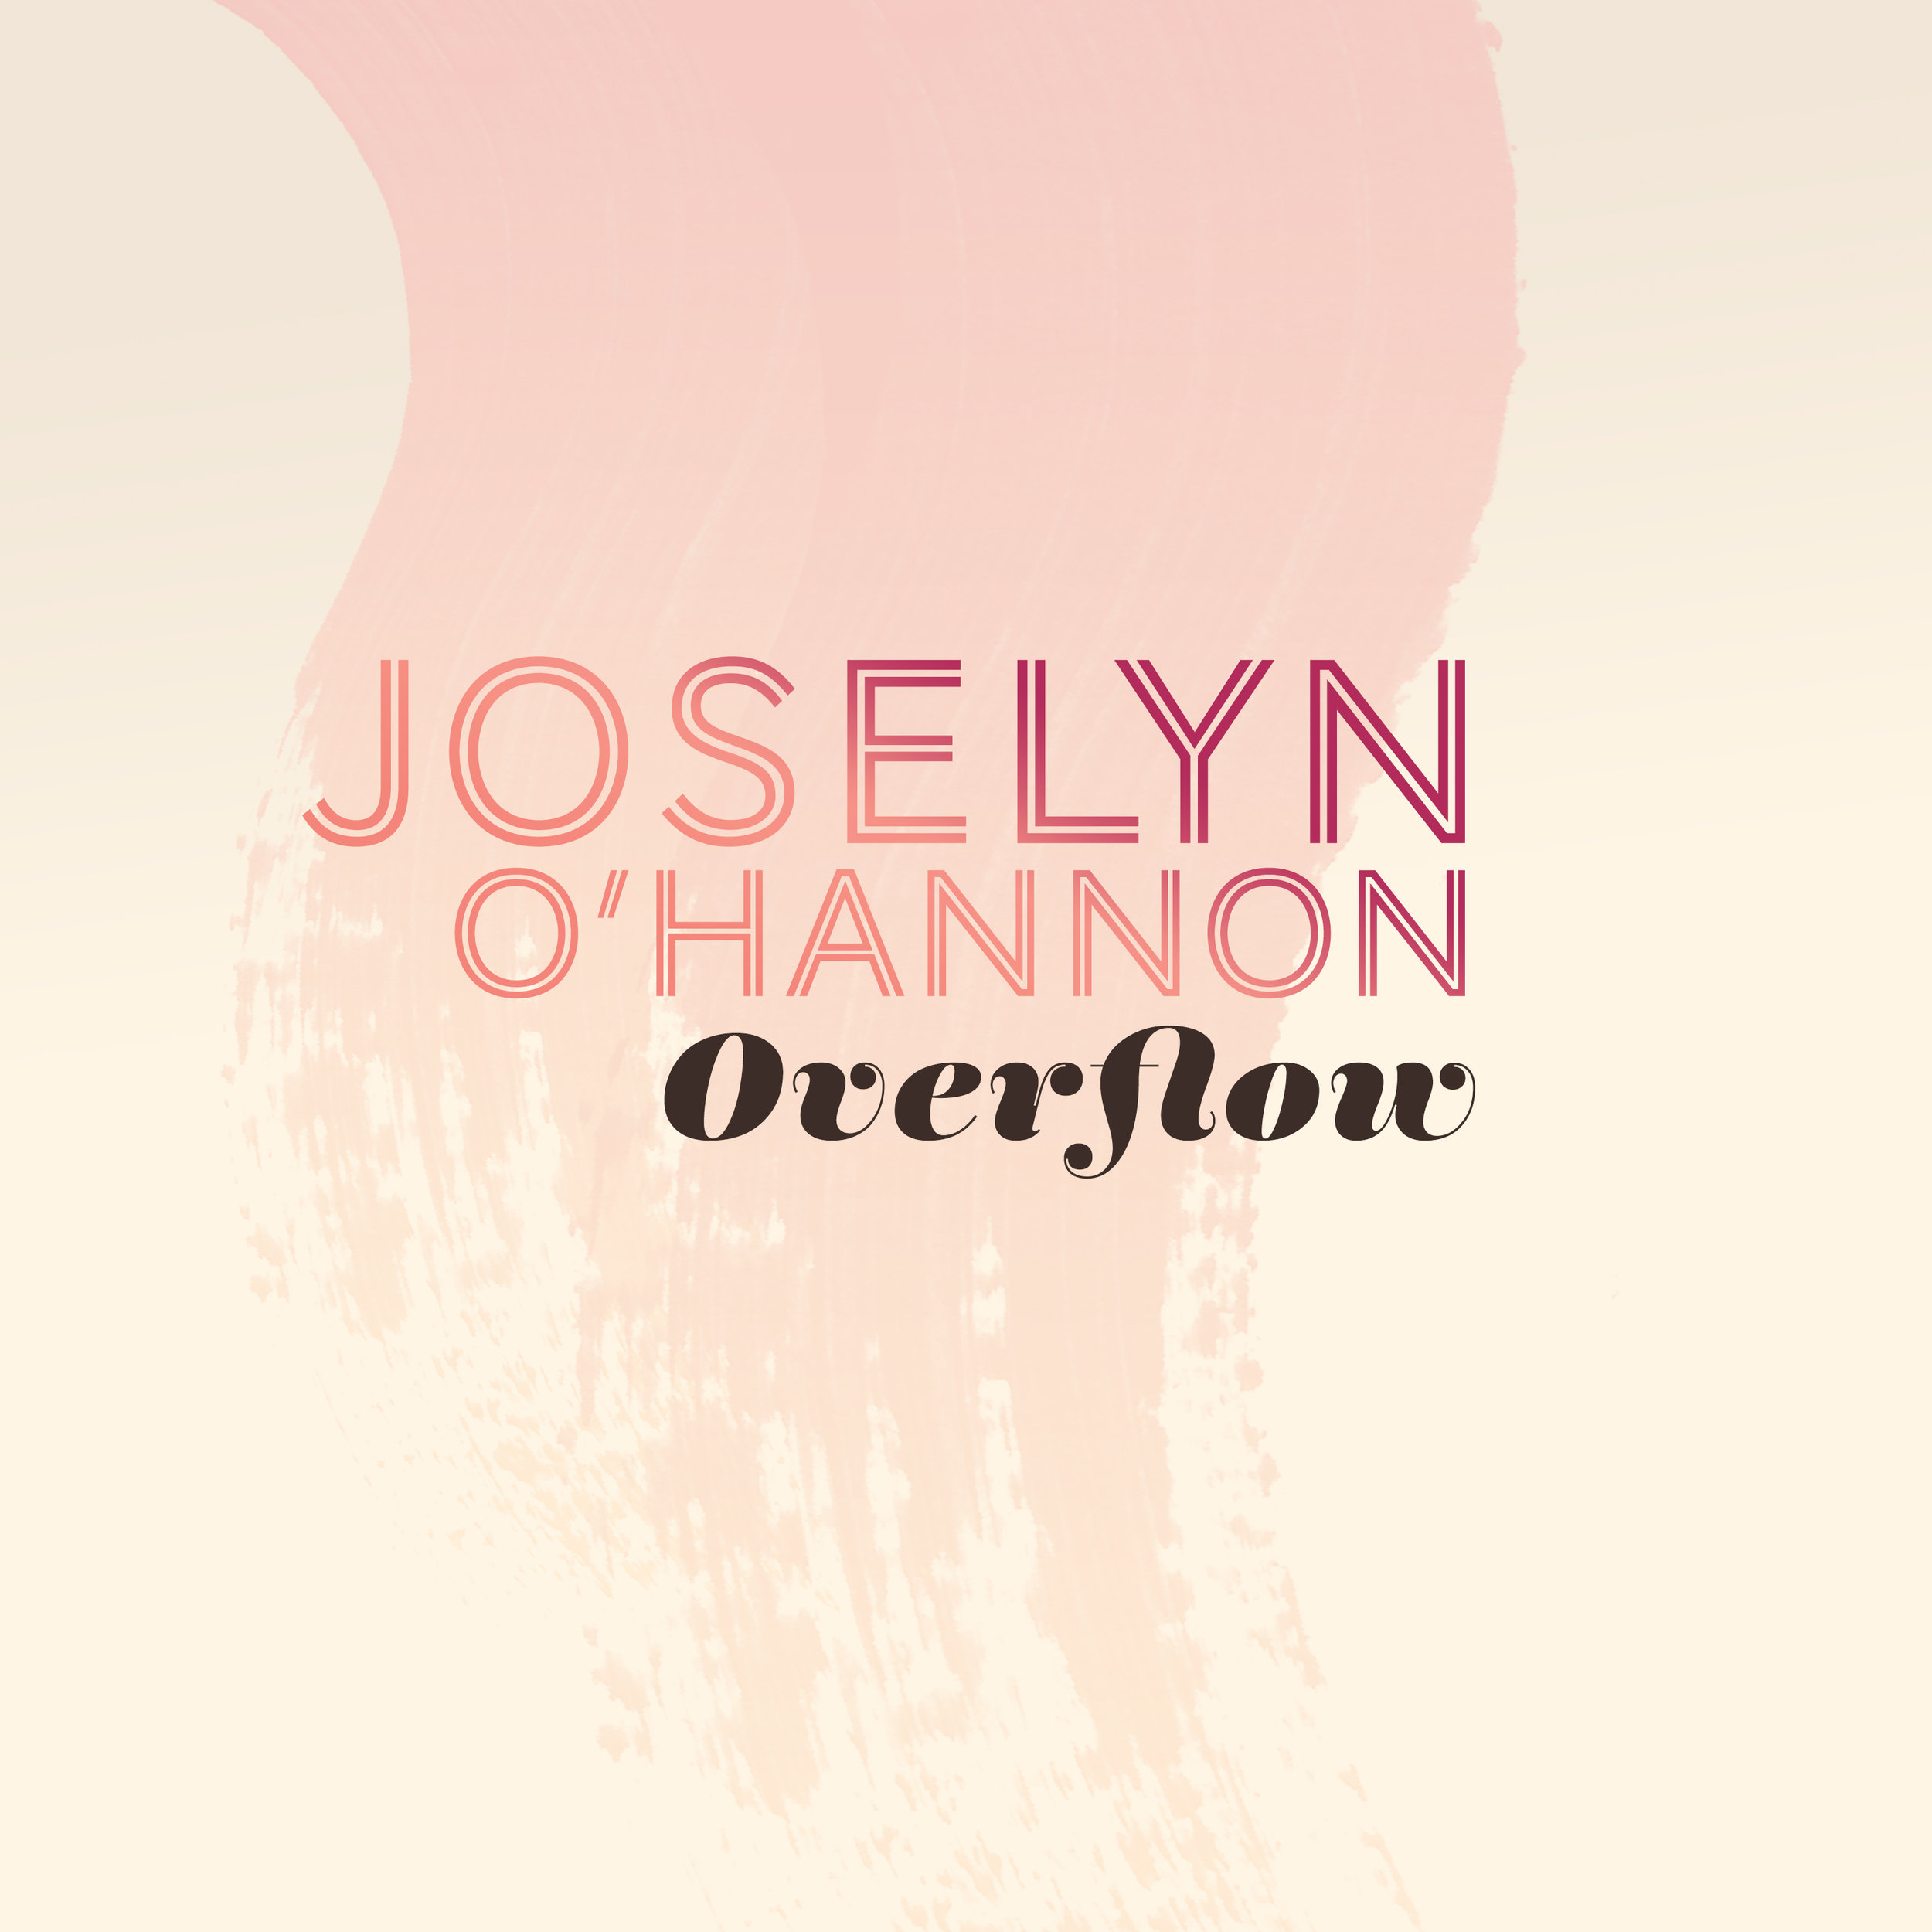 Joselyn O'Hannon